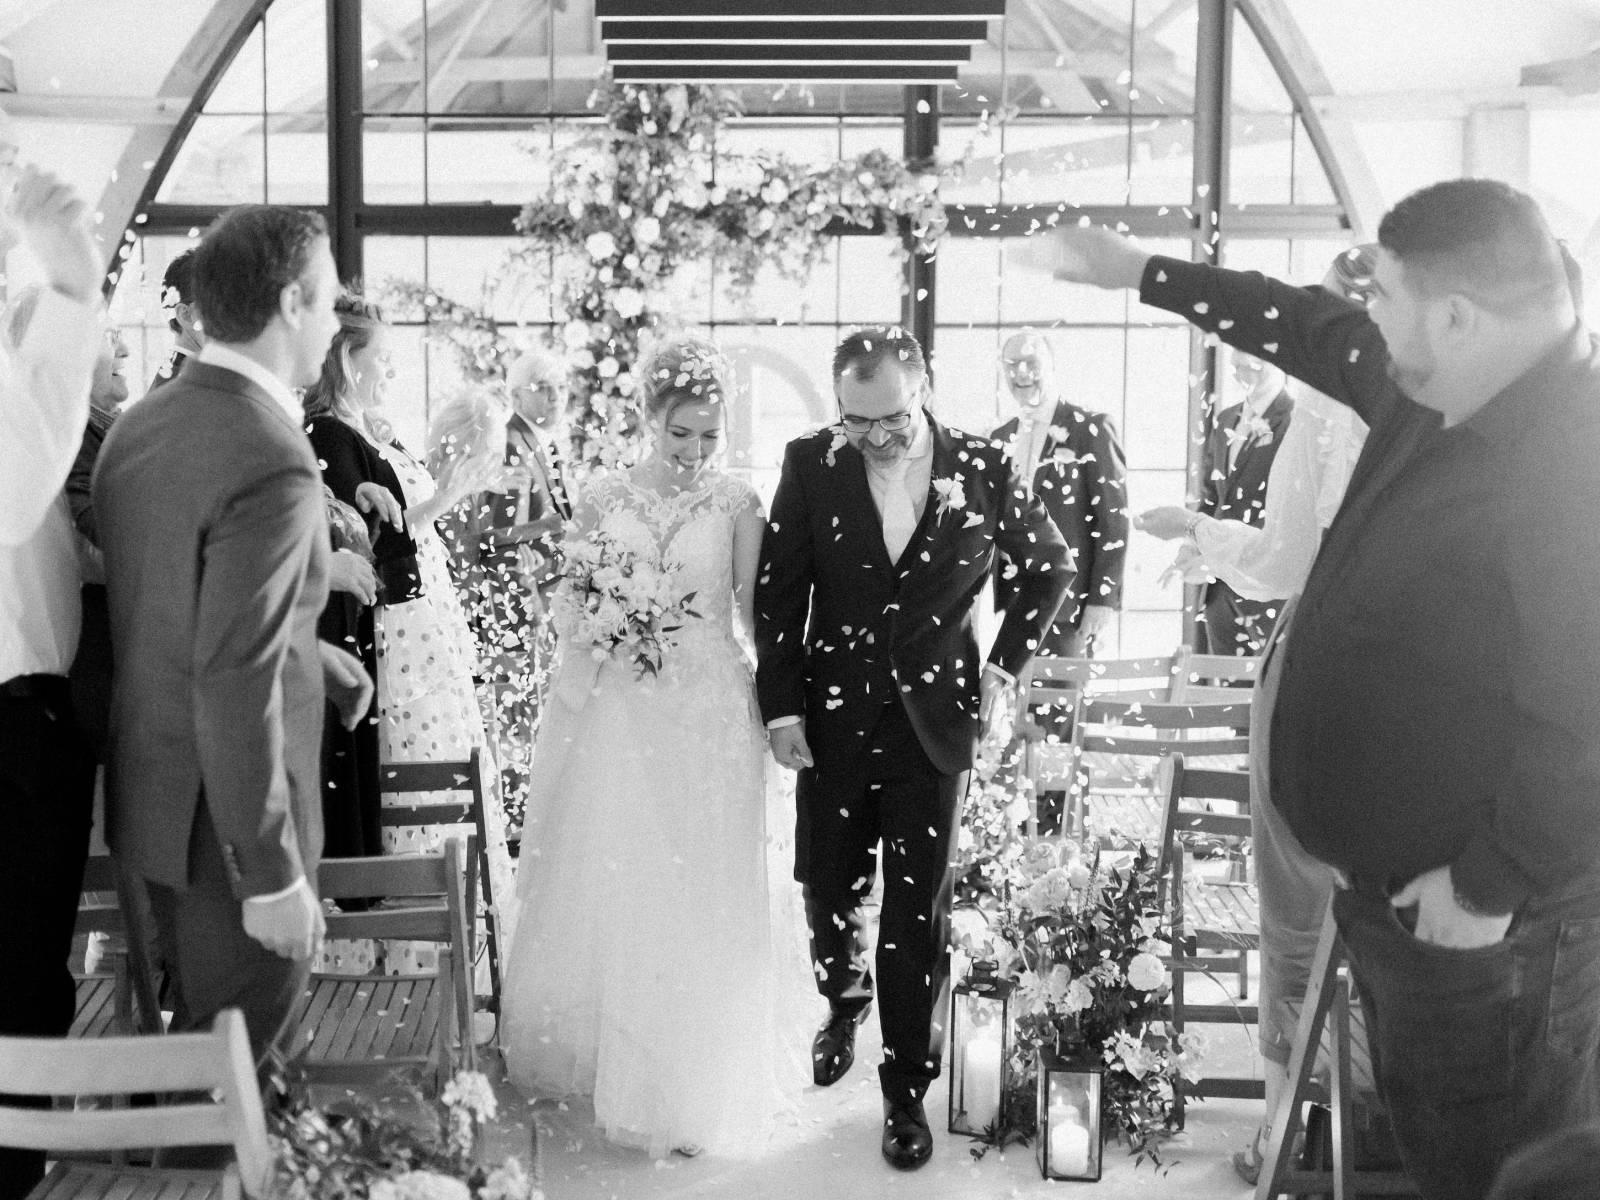 Elisabeth Van Lent - Huwelijksfotograaf - Fine Art - House of Weddings - 31